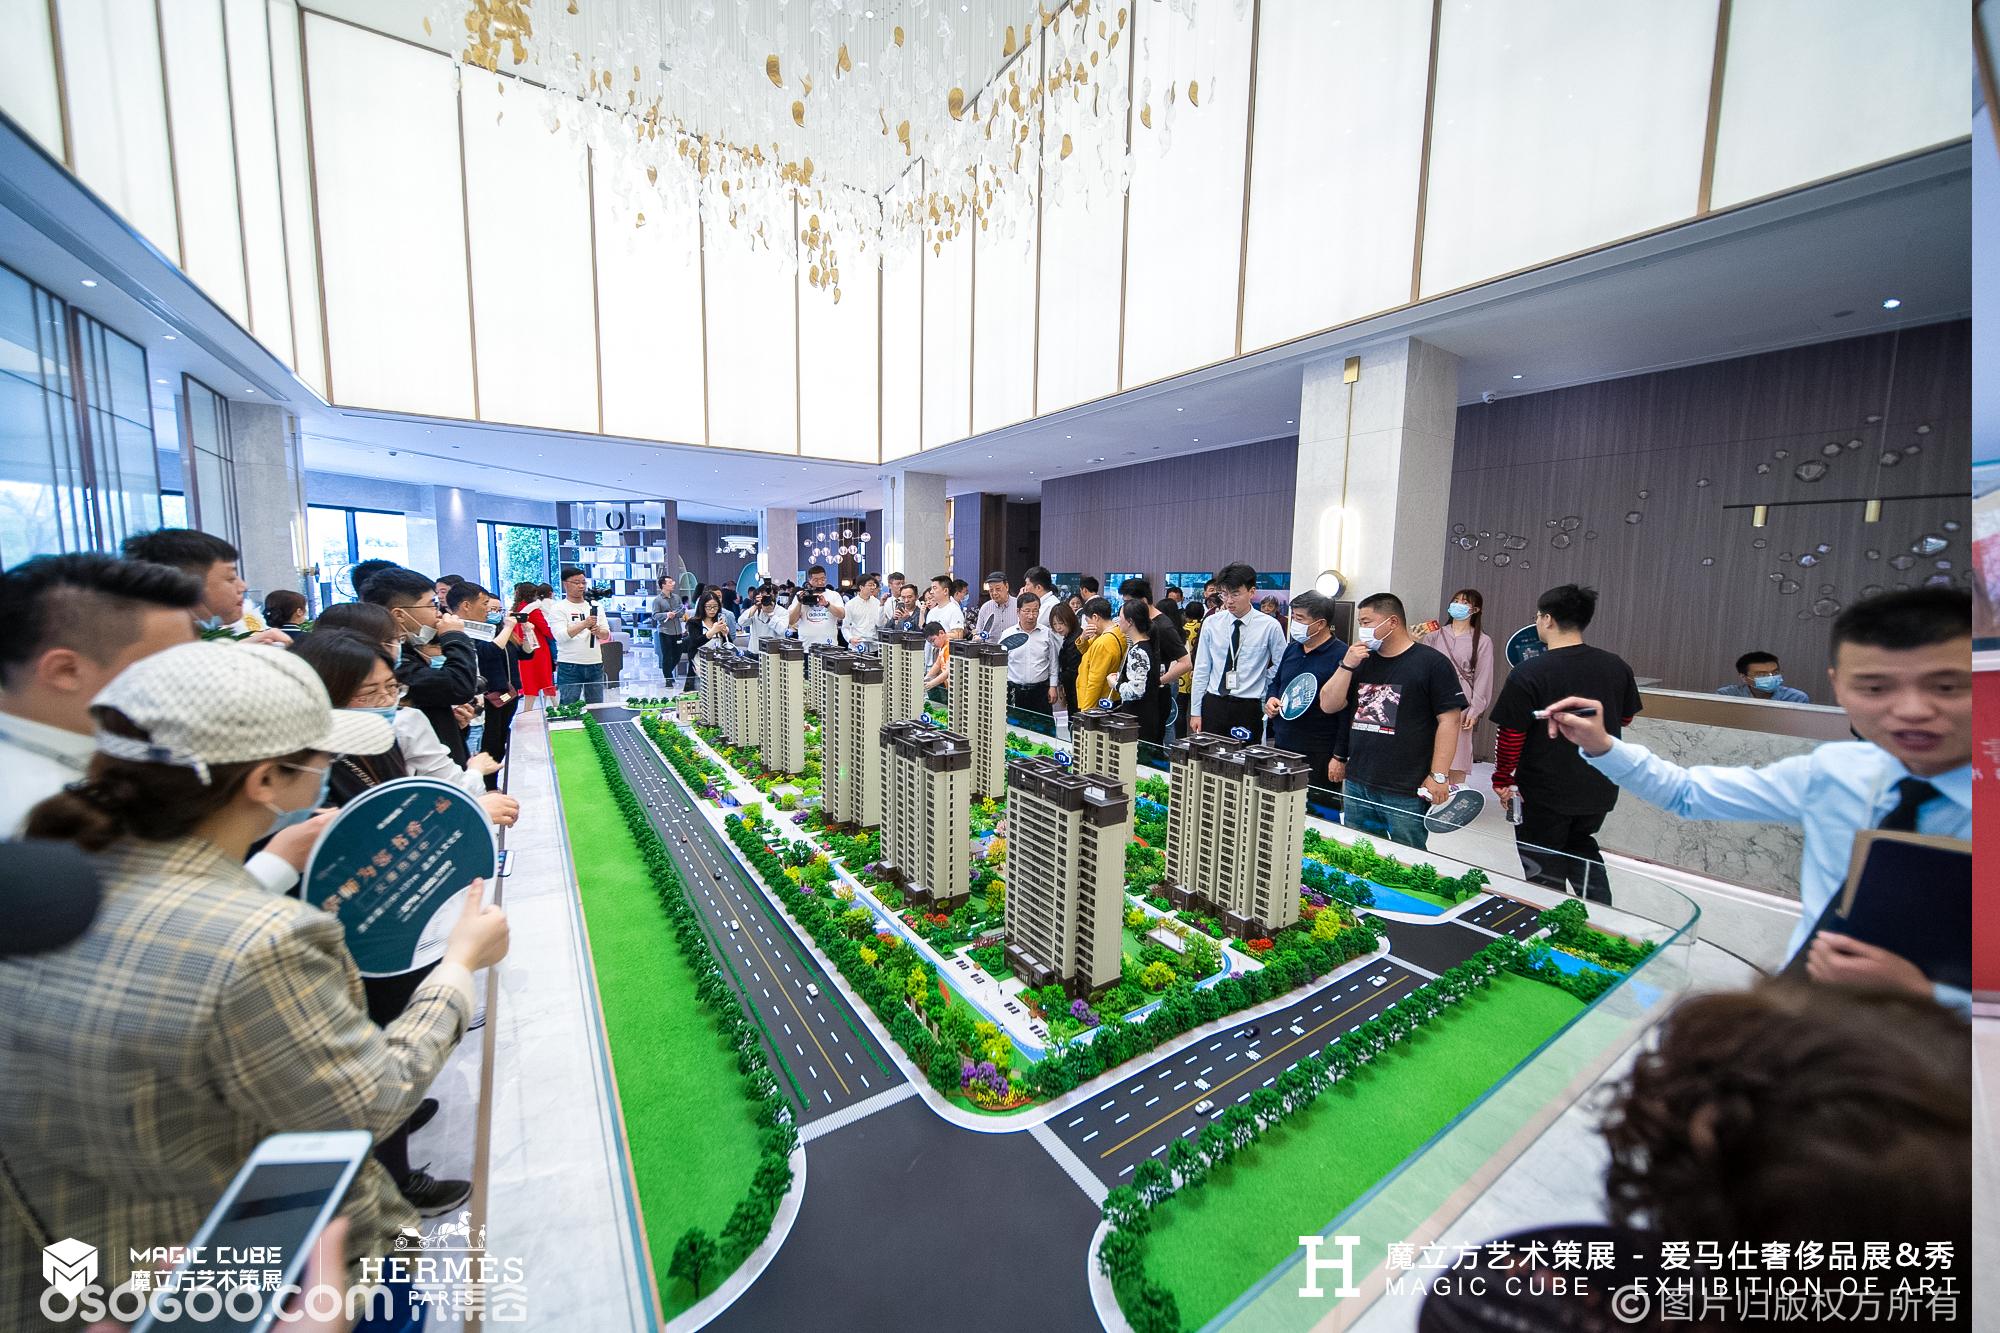 江苏扬州~爱马仕展~高端奢侈品展